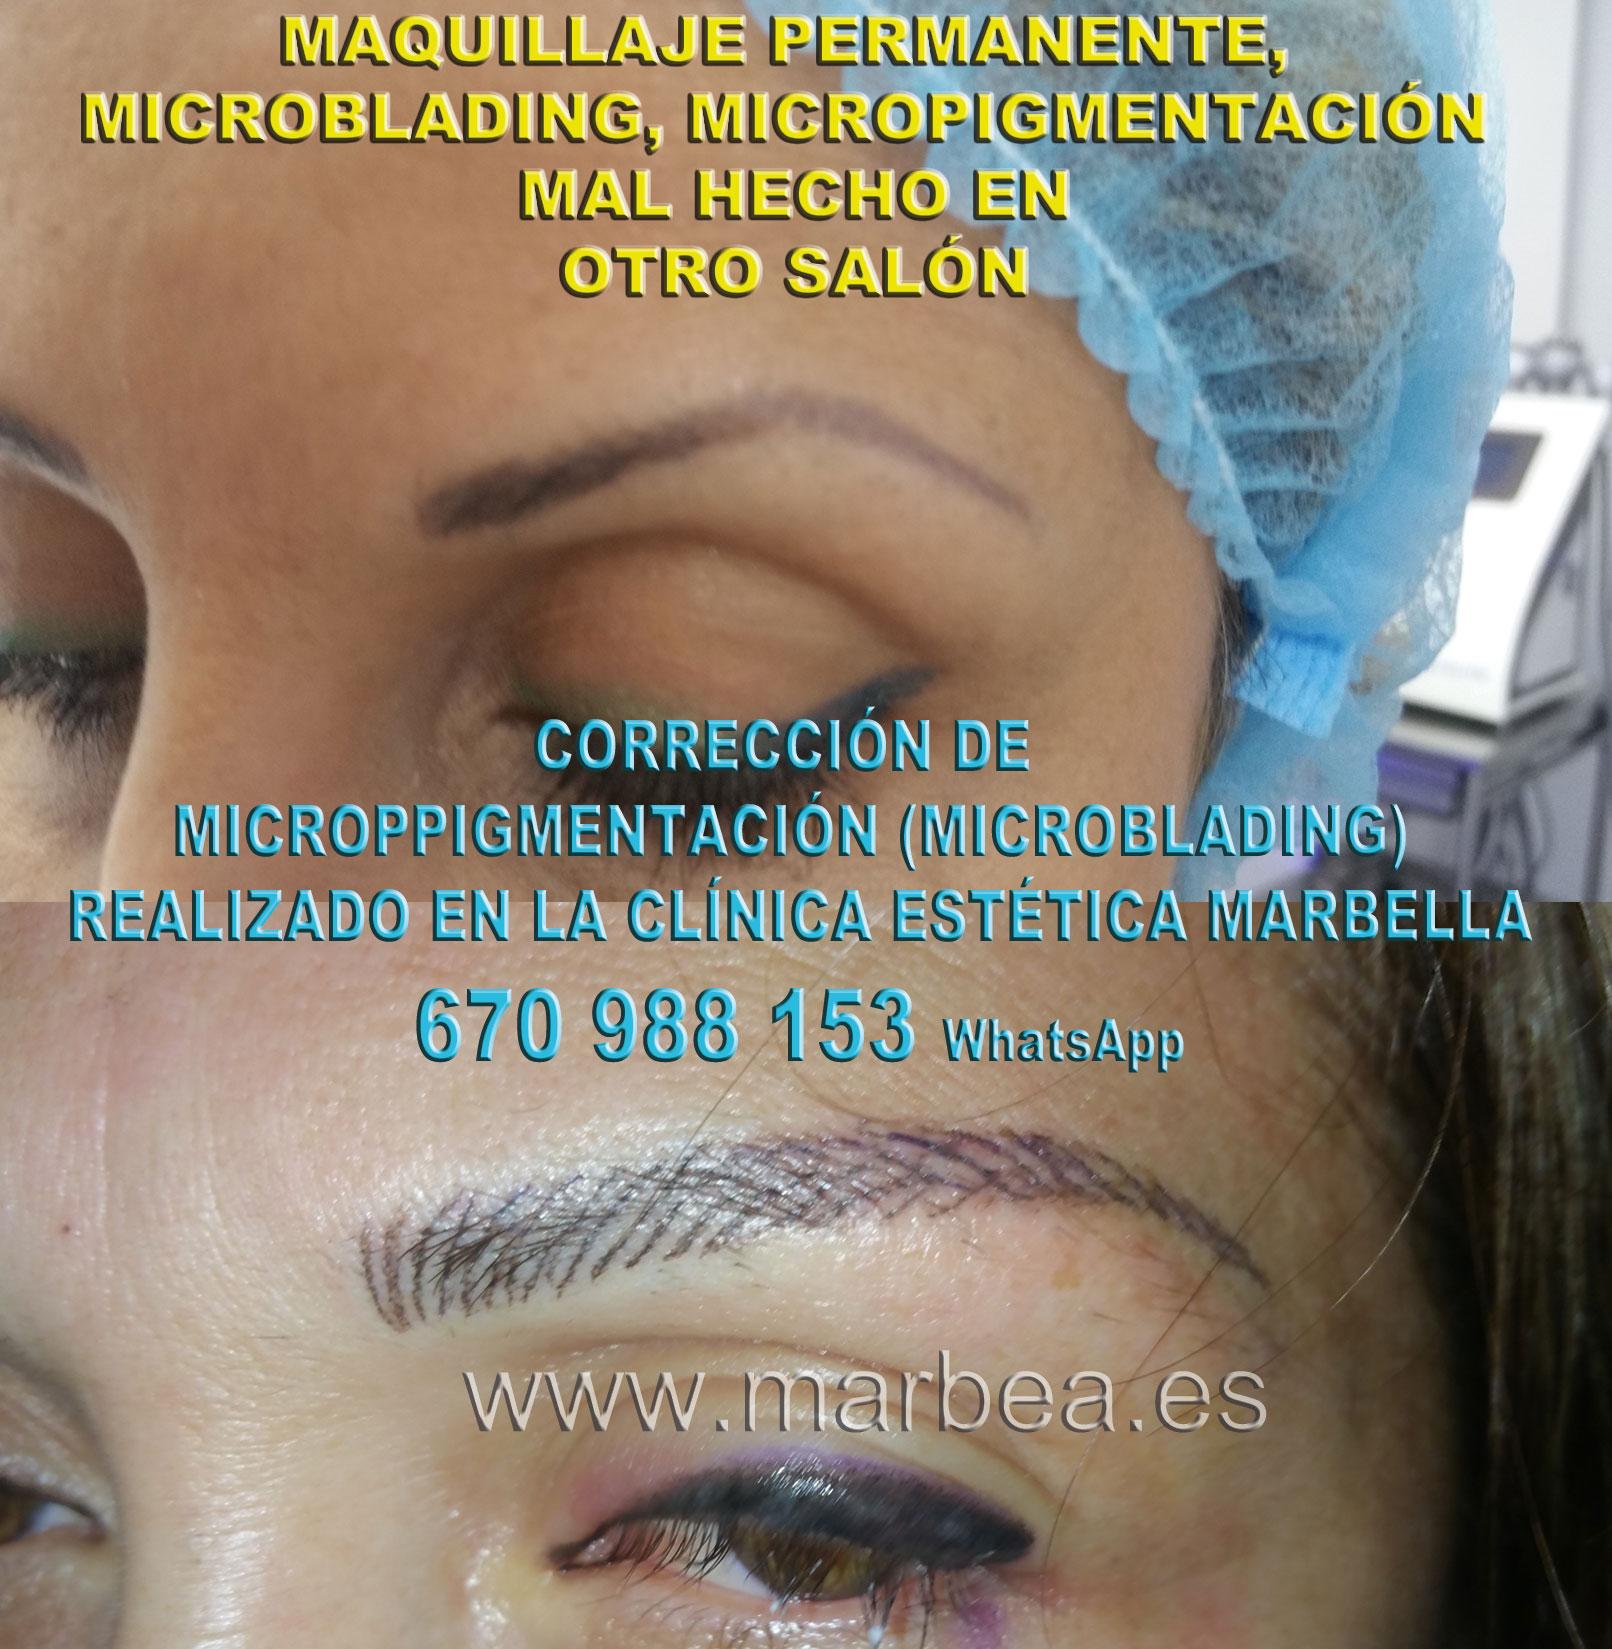 ELIMINAR TATUAJE CEJAS clínica estética micropigmentación propone corrección de cejas mal tatuadas,corregir micropigmentación mal hecha